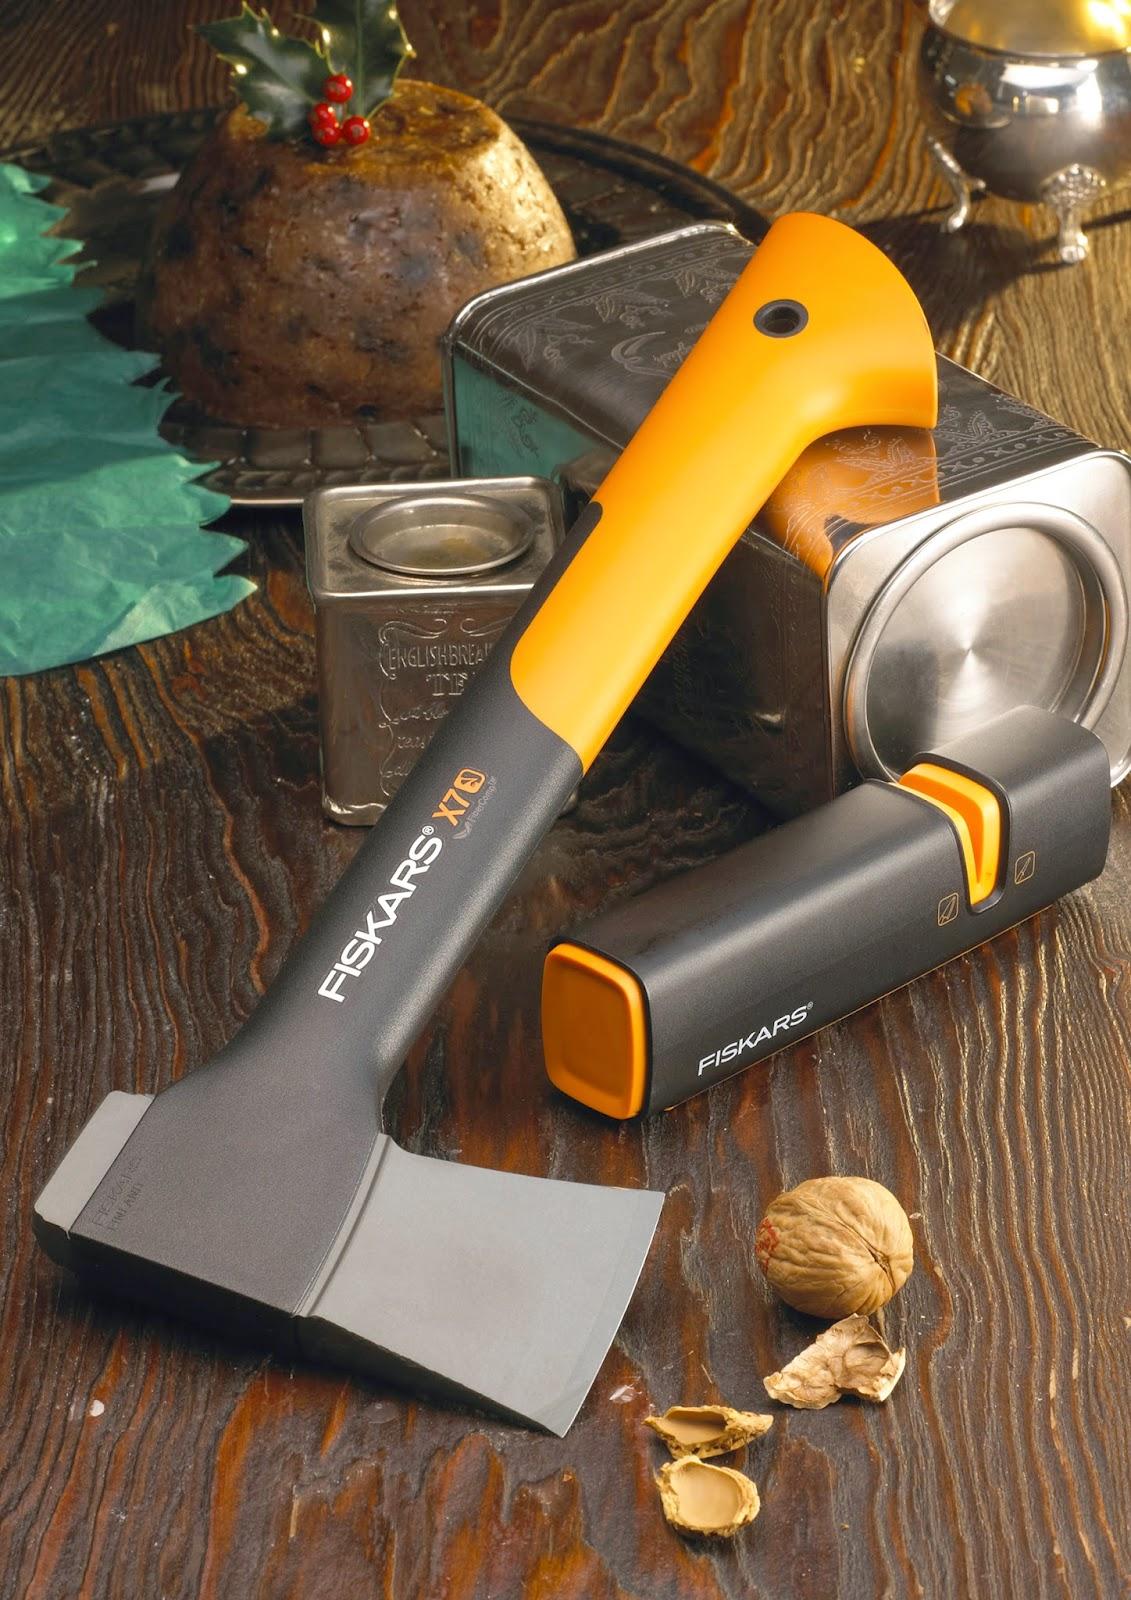 http://www.beesleyandfildes.co.uk/fiskars-axe-hatchet-with-ceramic-sharpener-ref-xms14axe/